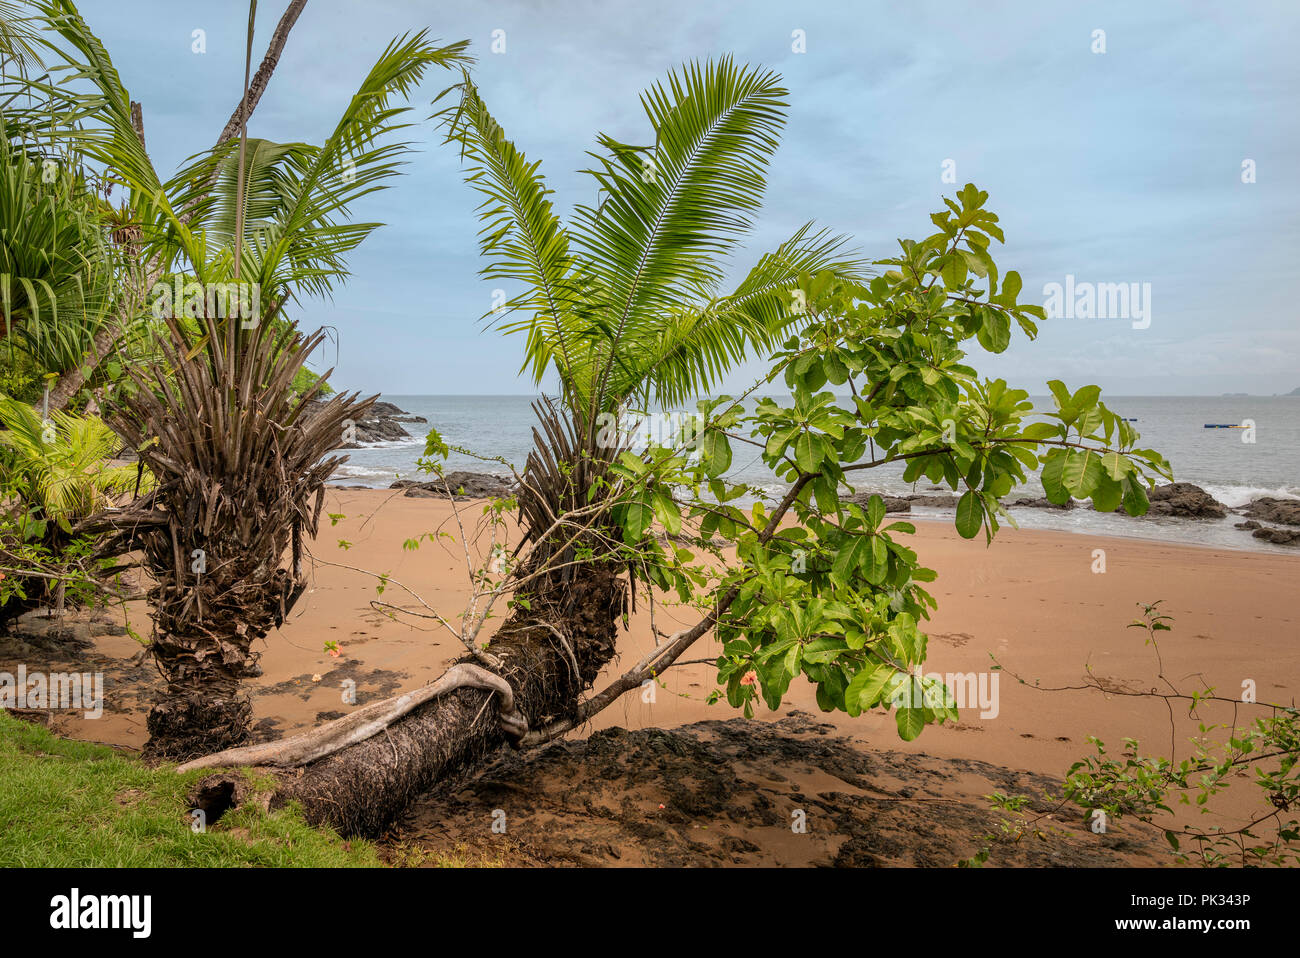 Spiaggia, Parco Nazionale di Corcovado, Osa Peninsula, Costa Rica Immagini Stock